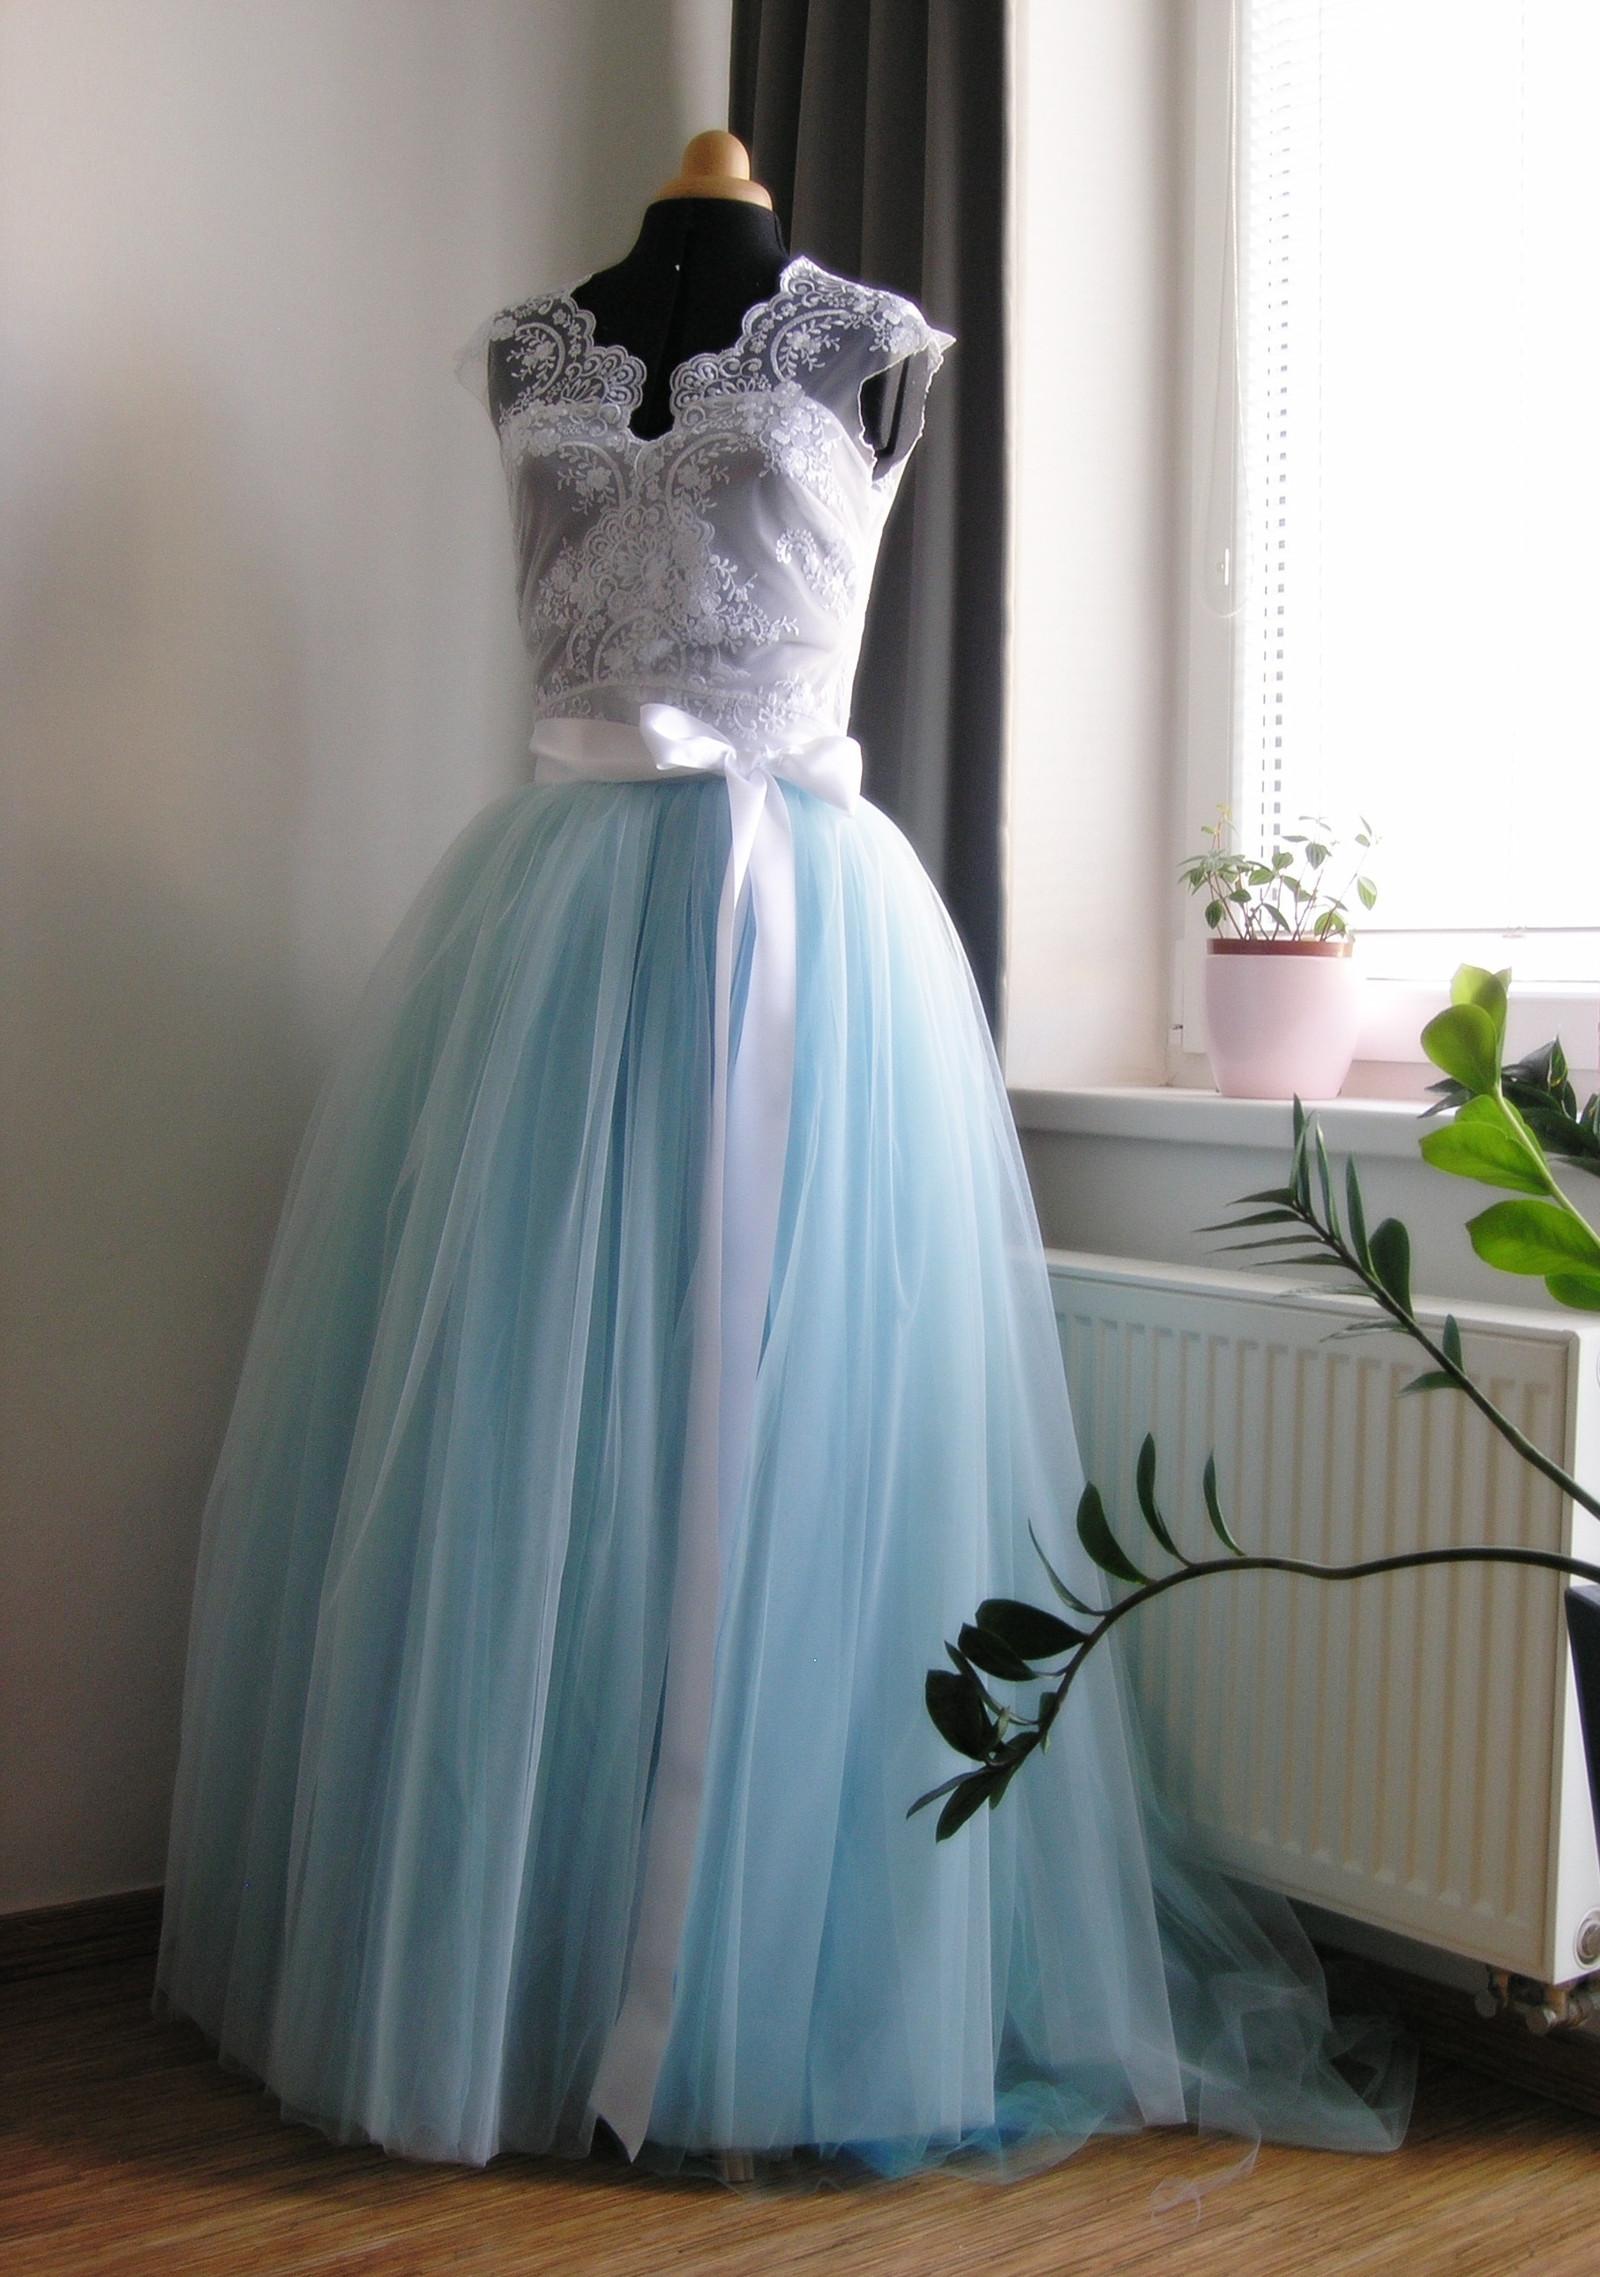 ebb47dd53b4 svatební top a sukně v modré...zakázka   Zboží prodejce ceasara ...